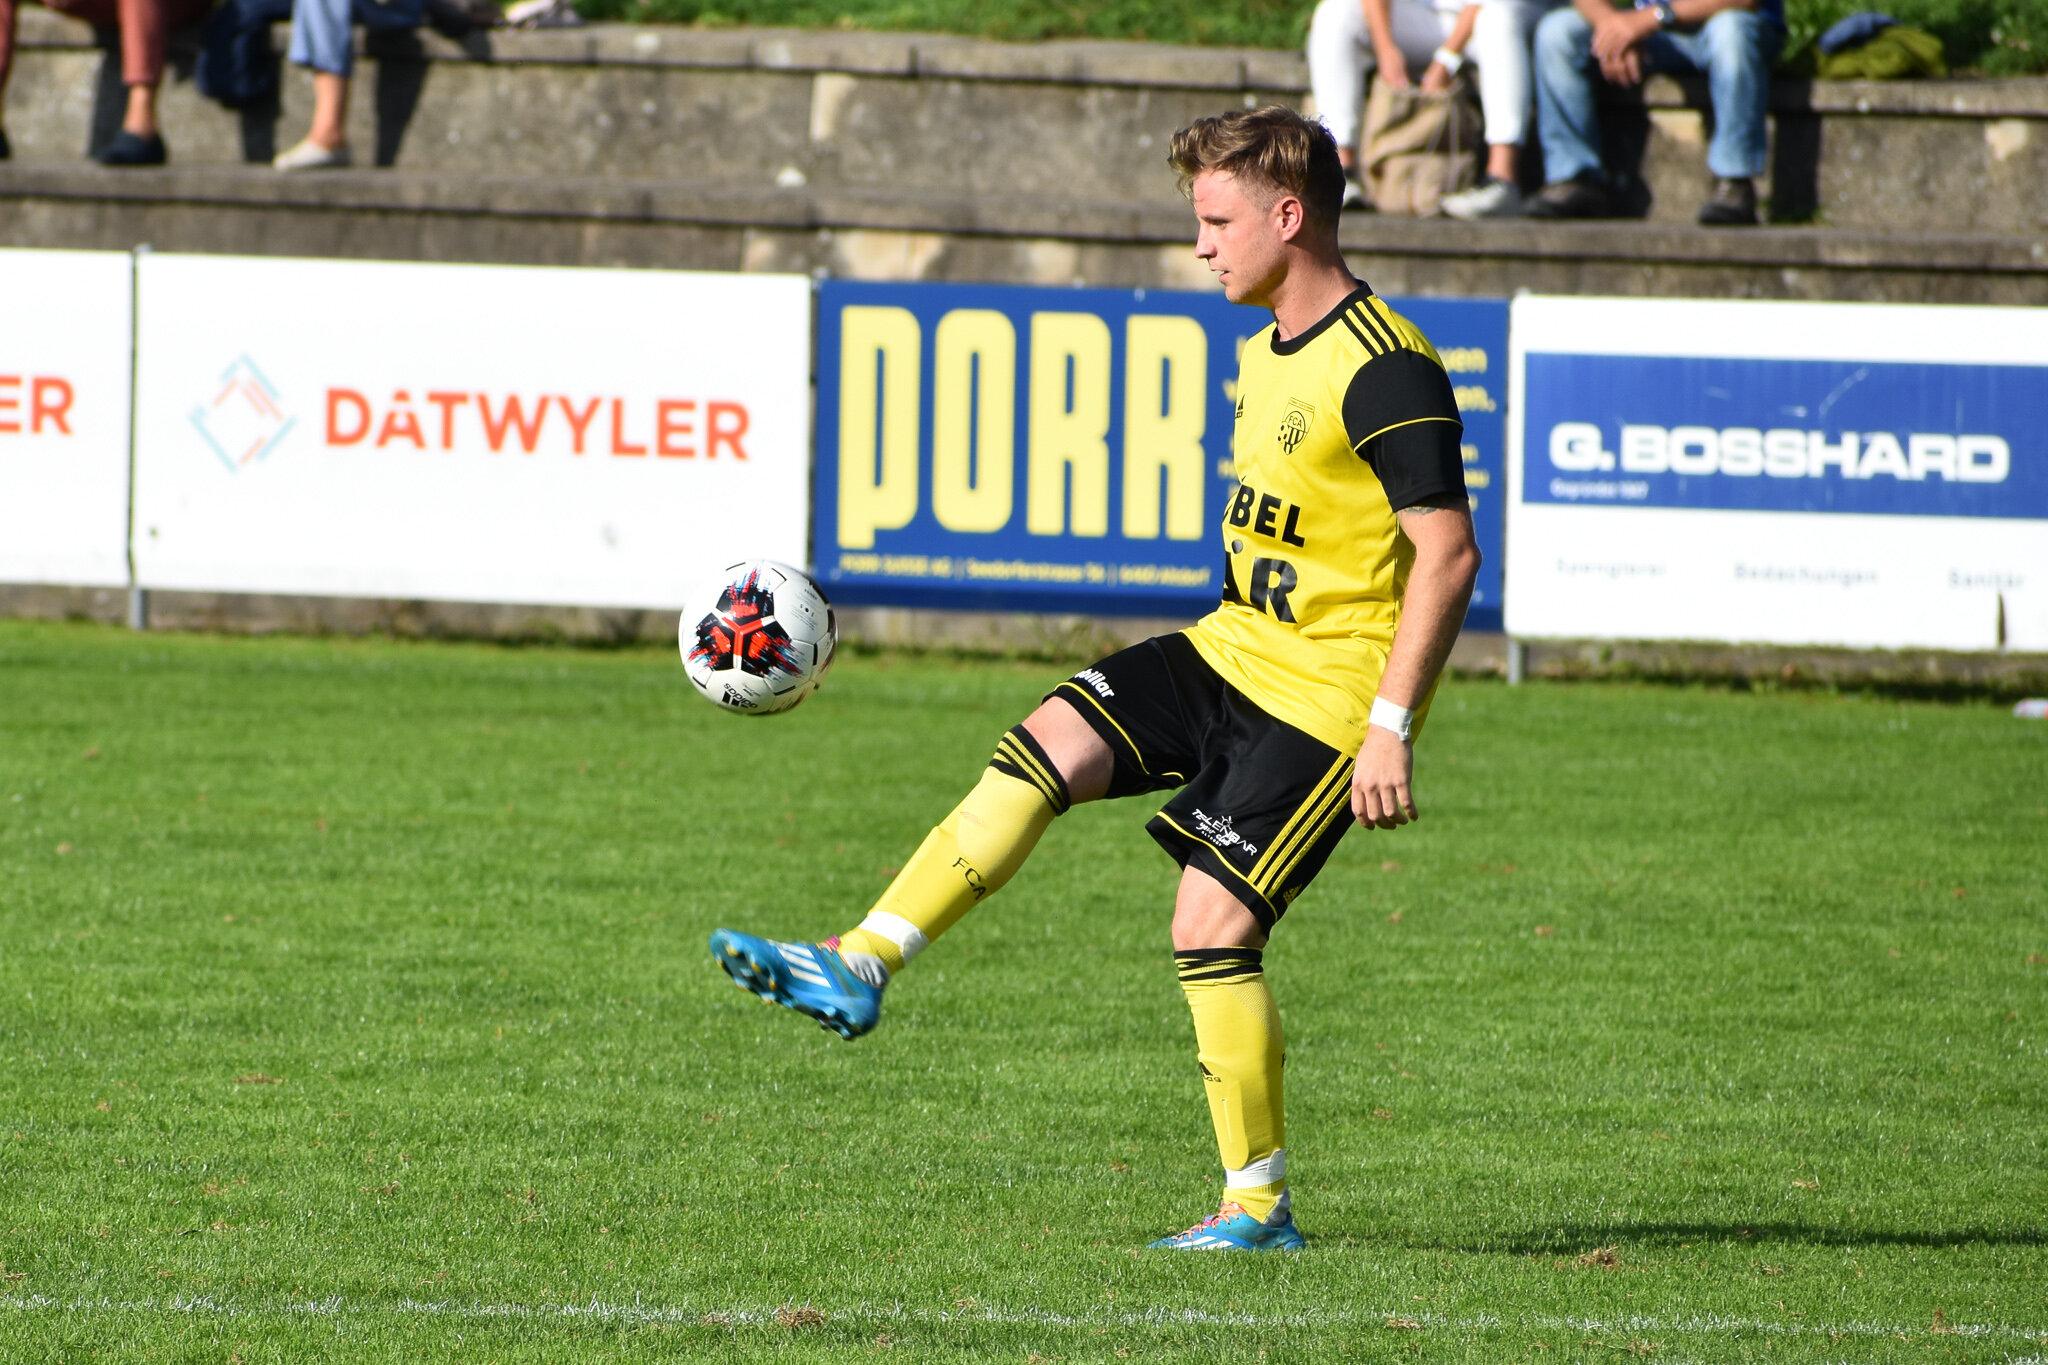 Altdorfs Abwehrchef Gnos zeigt mit seiner Defensive zuletzt konstant gute Leistungen. Foto: FC Altdorf